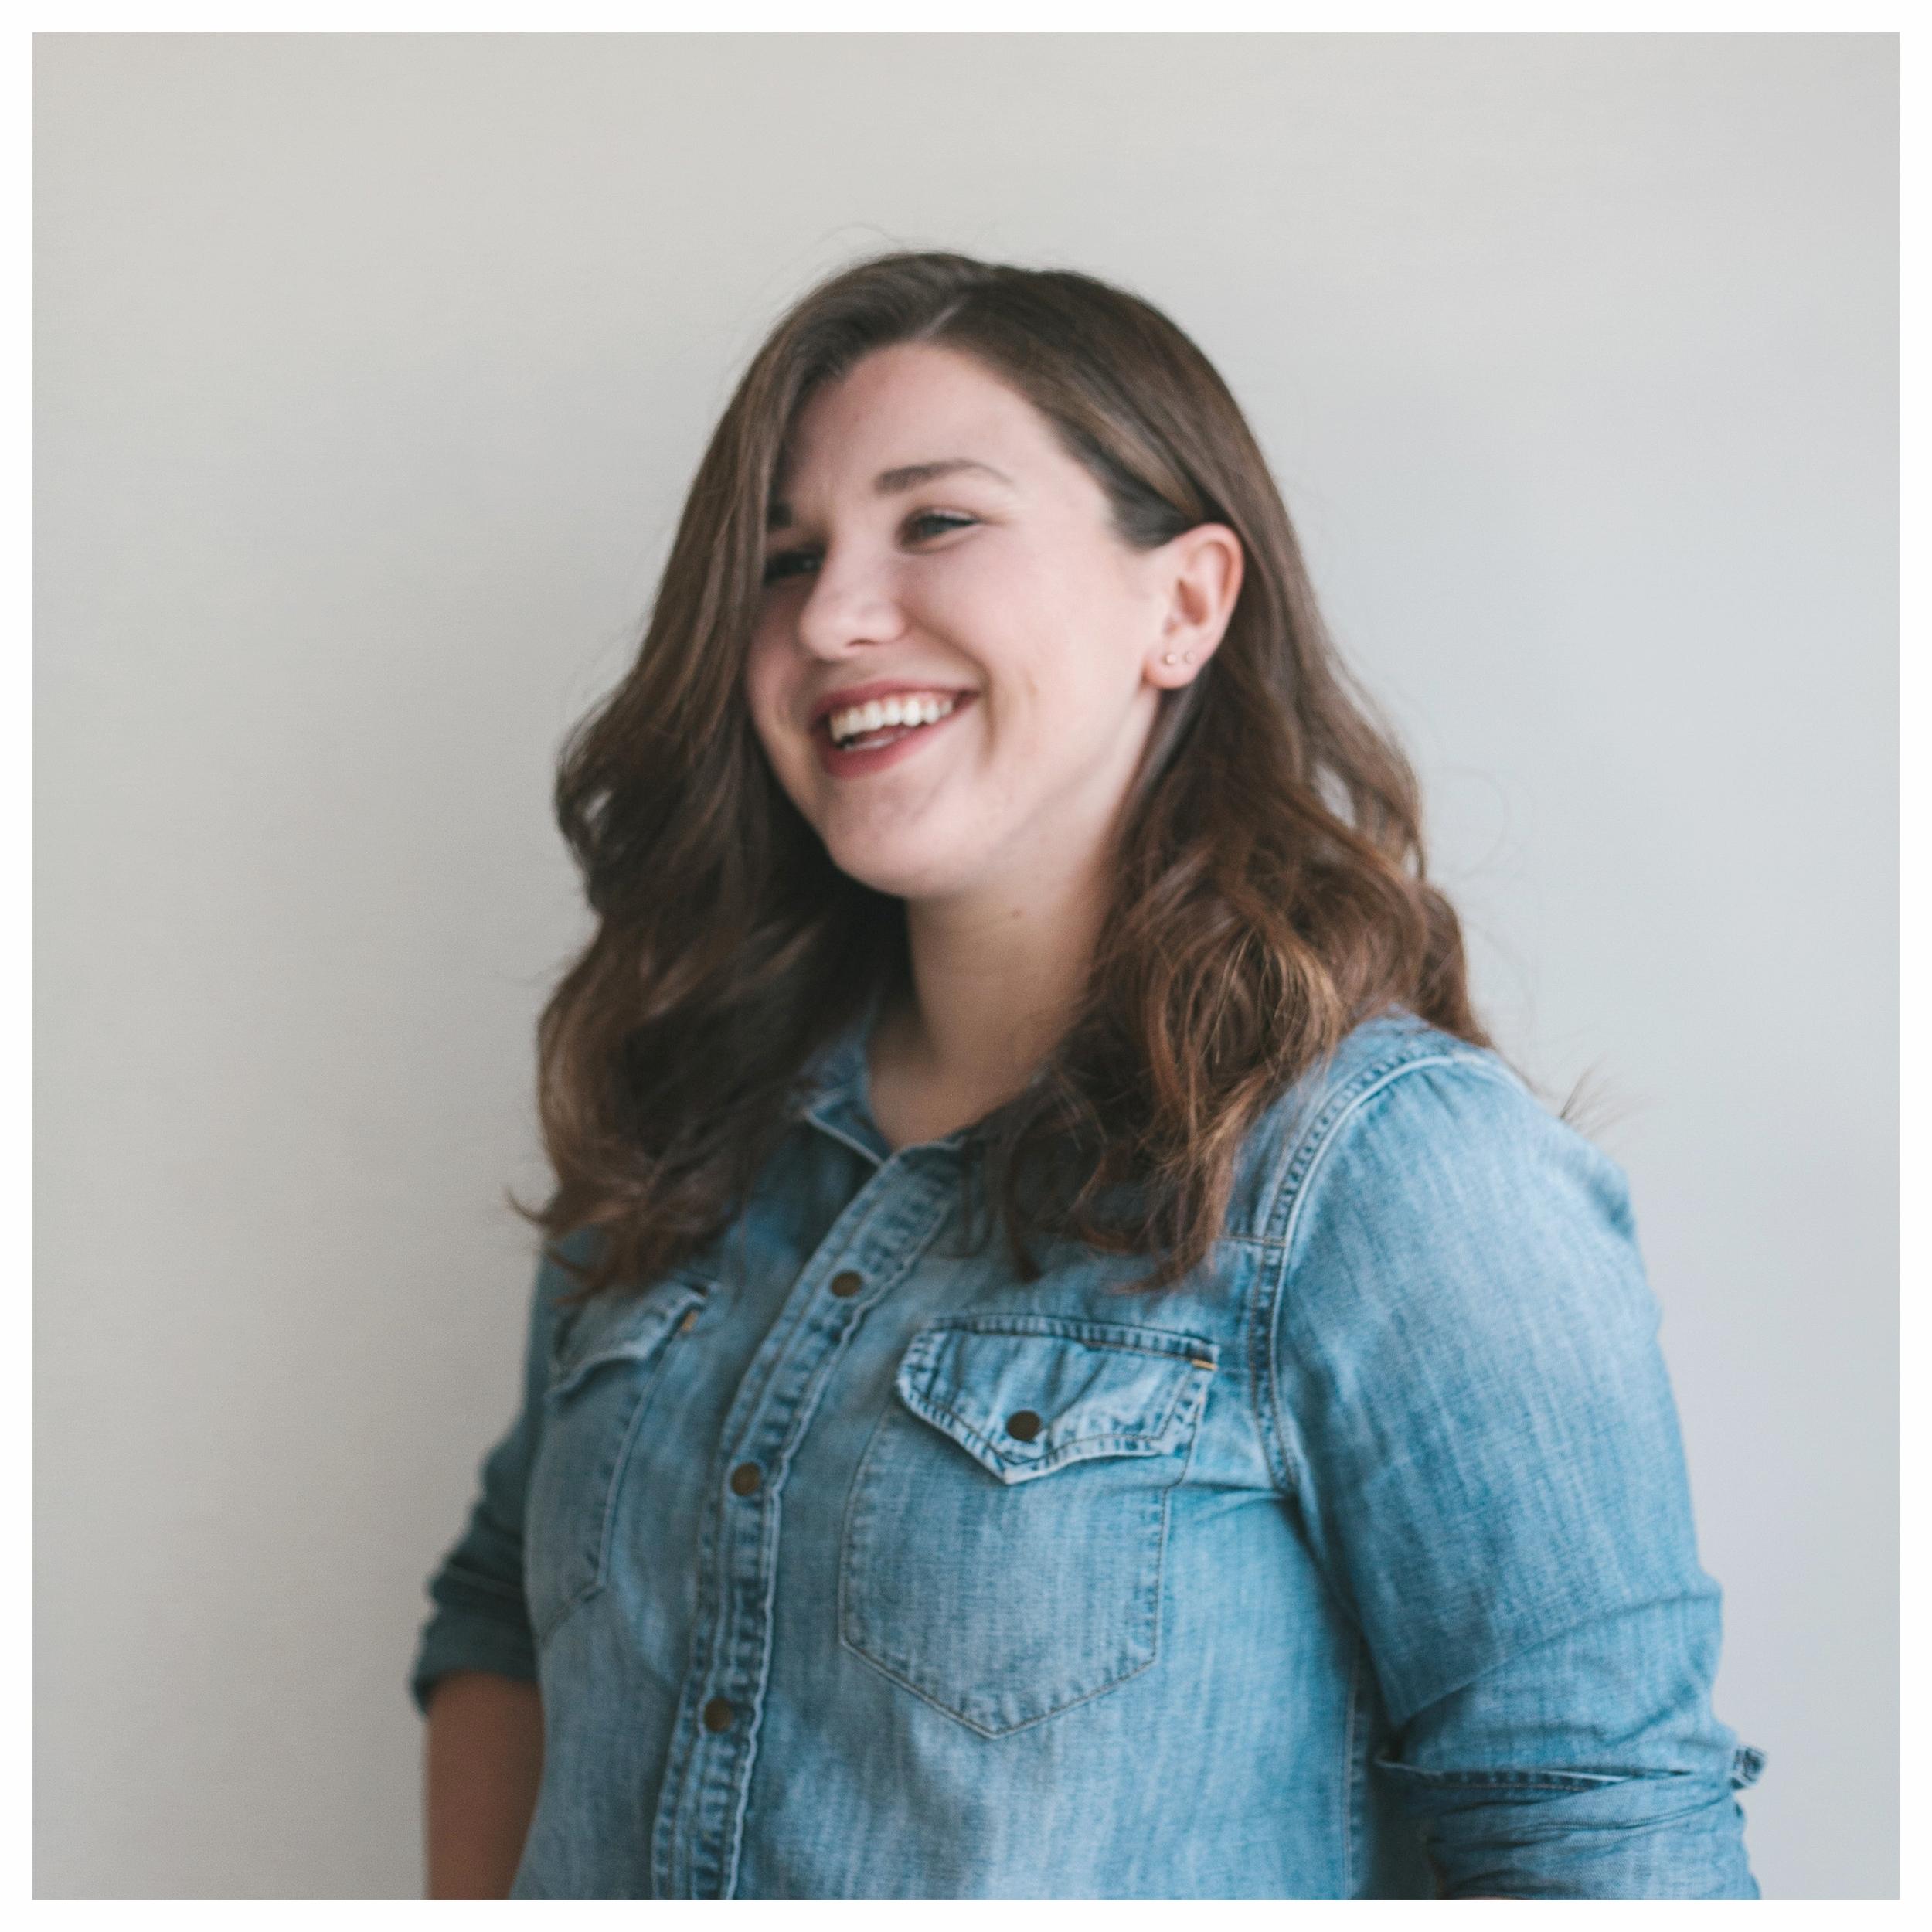 Co-founder - Leah McGowan